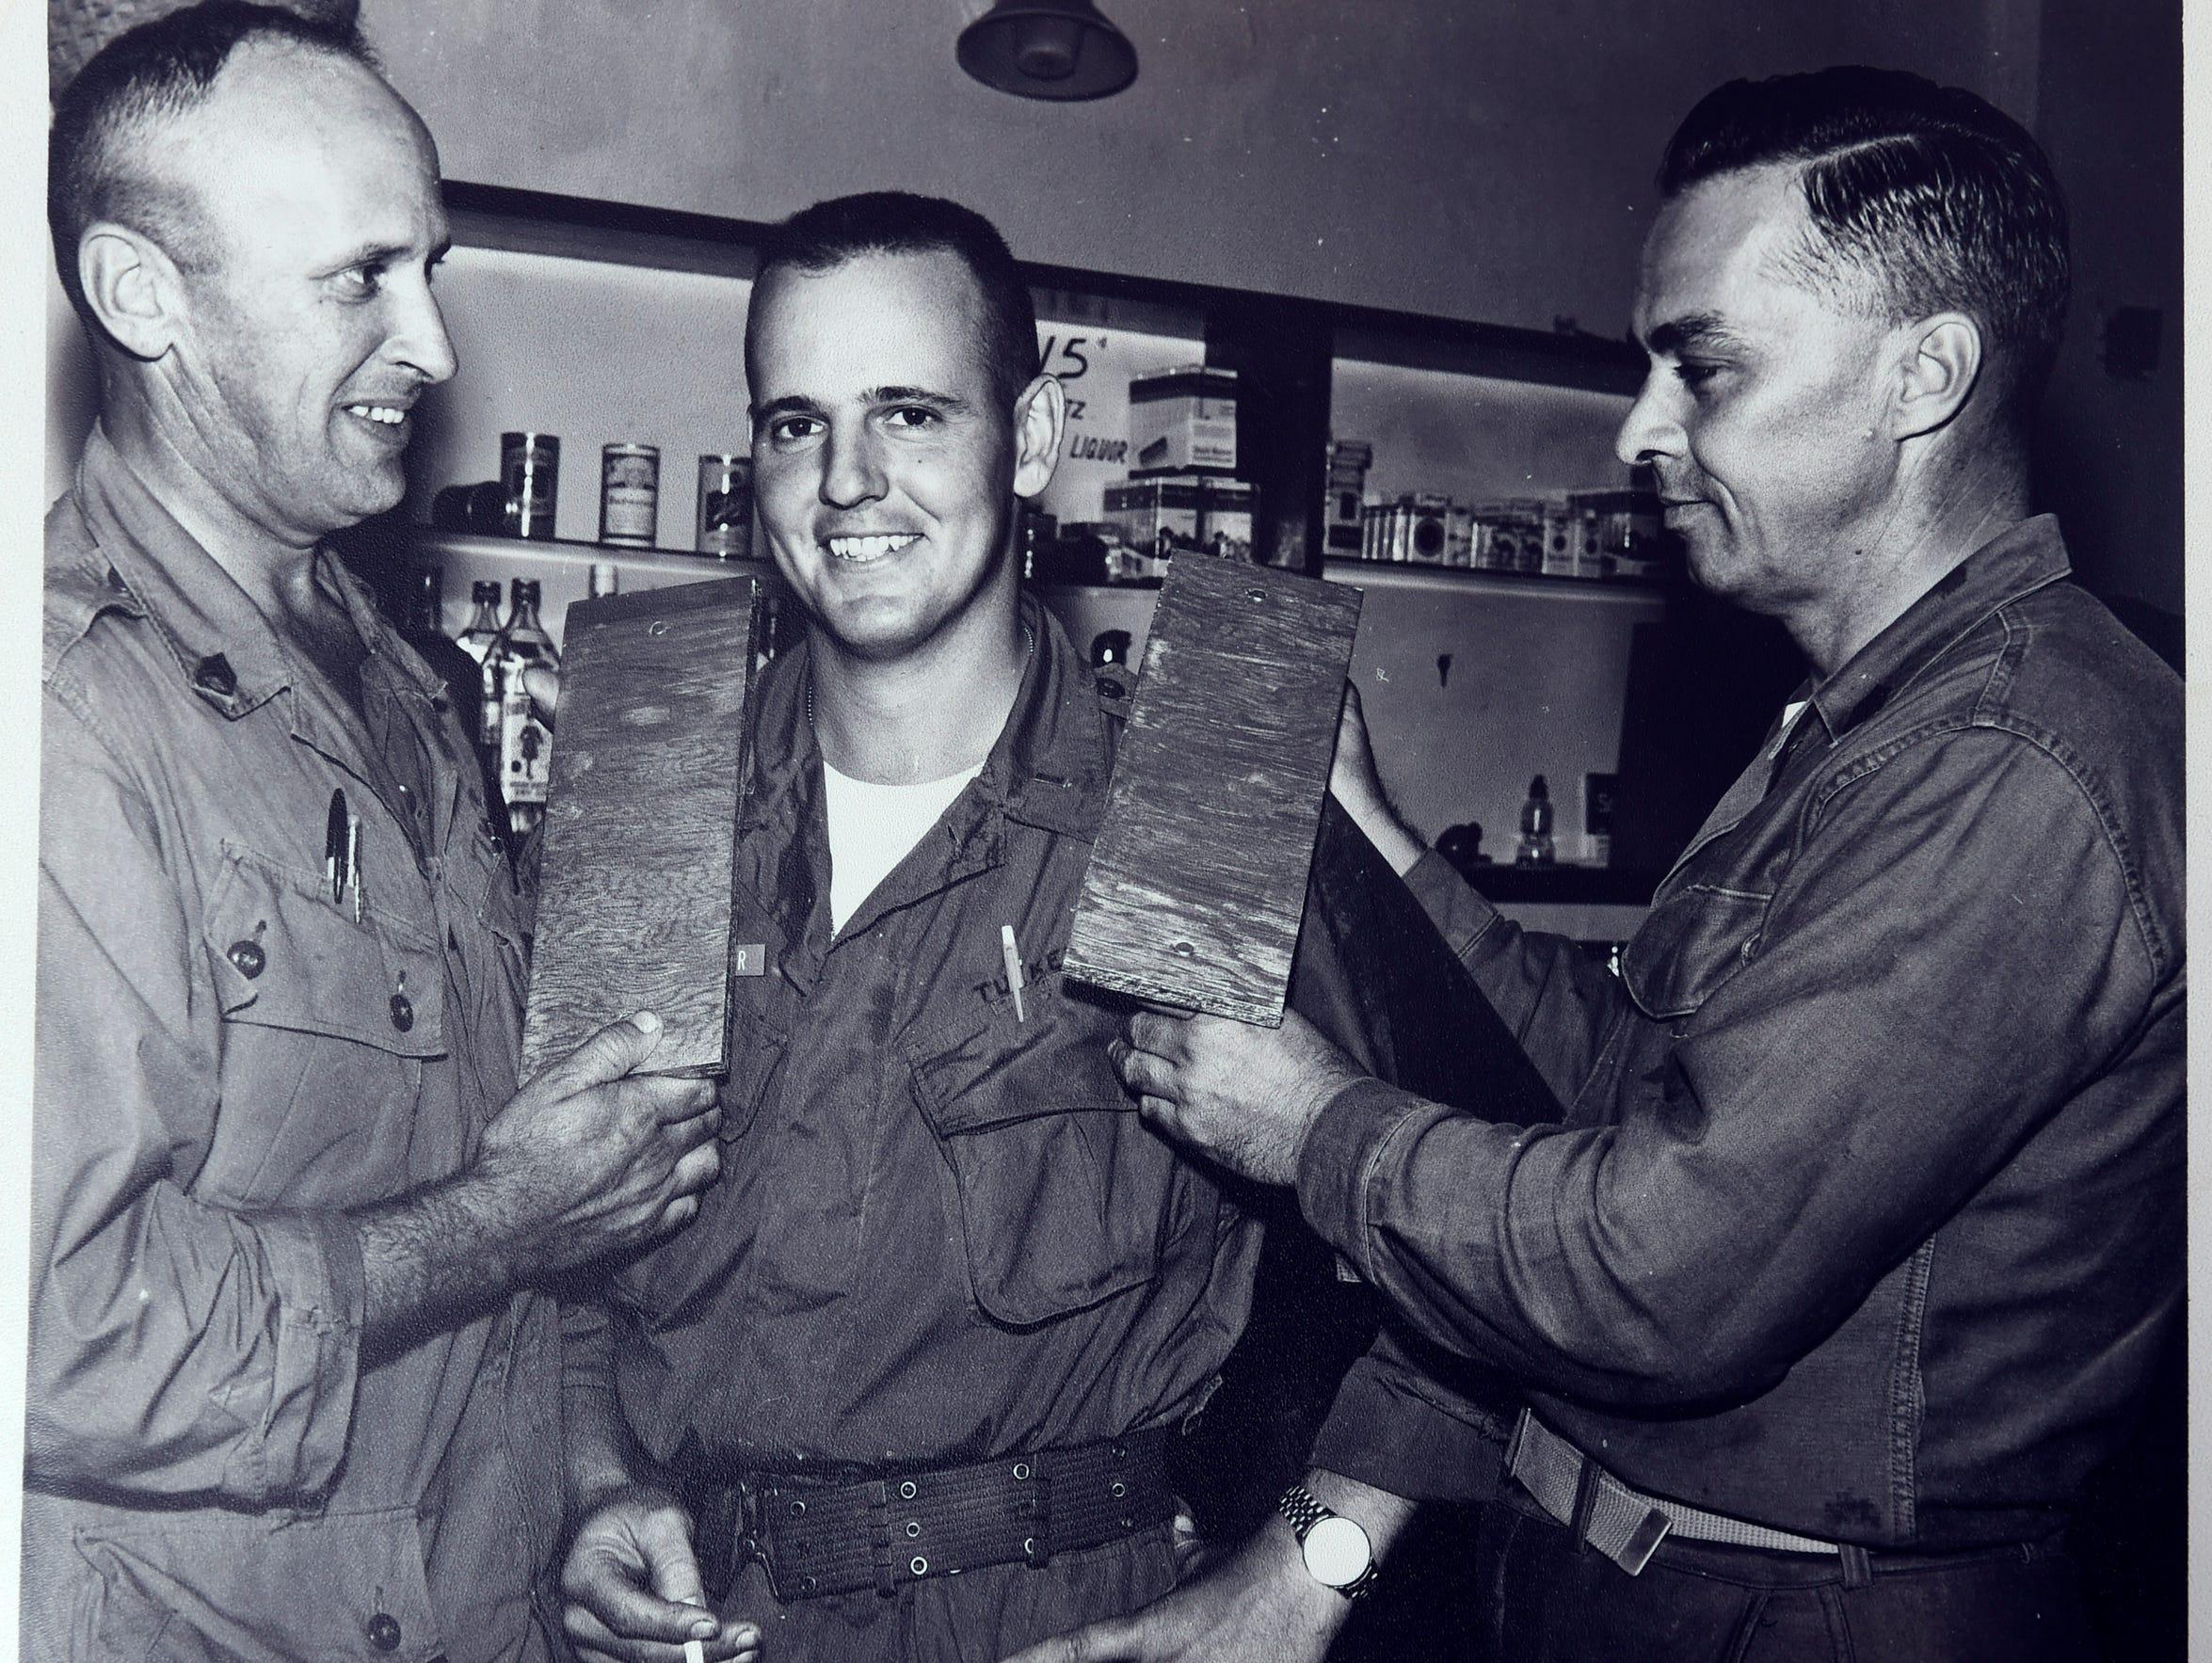 Vietnam veteran Fred Tucker, center, has his lieutenant